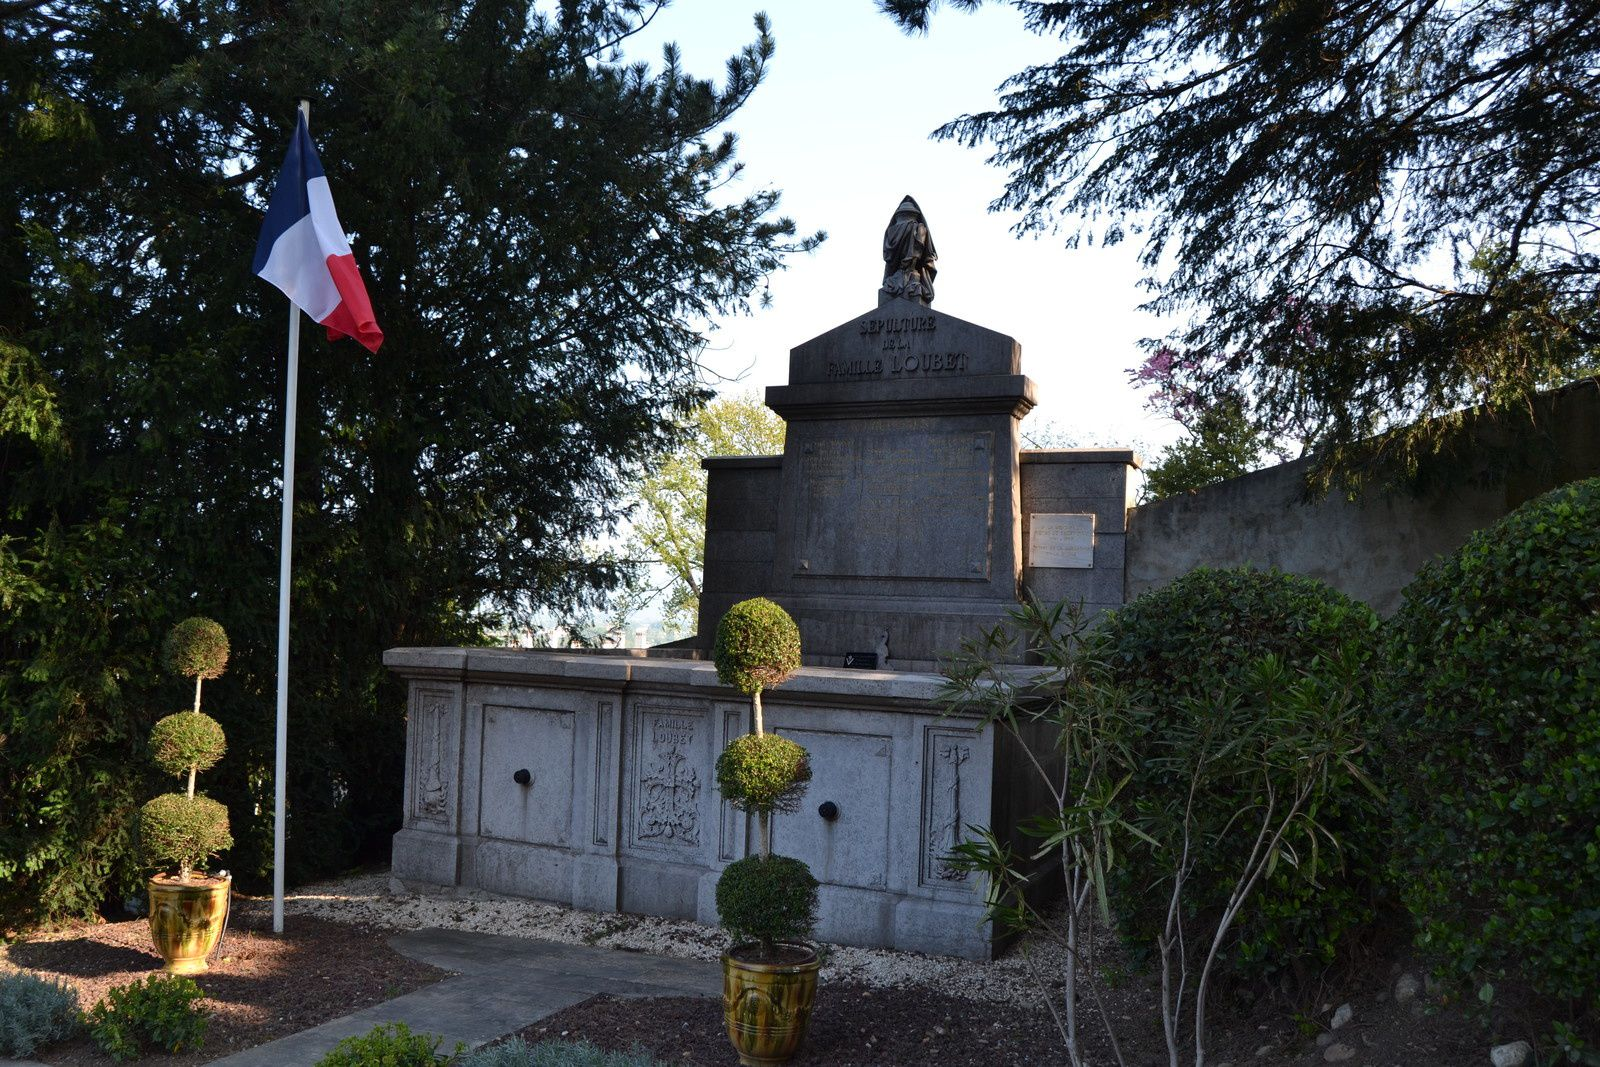 """A l'Elysée, il succéde à Félix Faure, mort dans des circonstances rocambolesque: il a poussé son dernier soupir dans les bras de sa maitresse sous les ors du palais de la Présidence.(Emile Loubet ou la modération au pouvoir"""" de Thierry Cornillet)"""